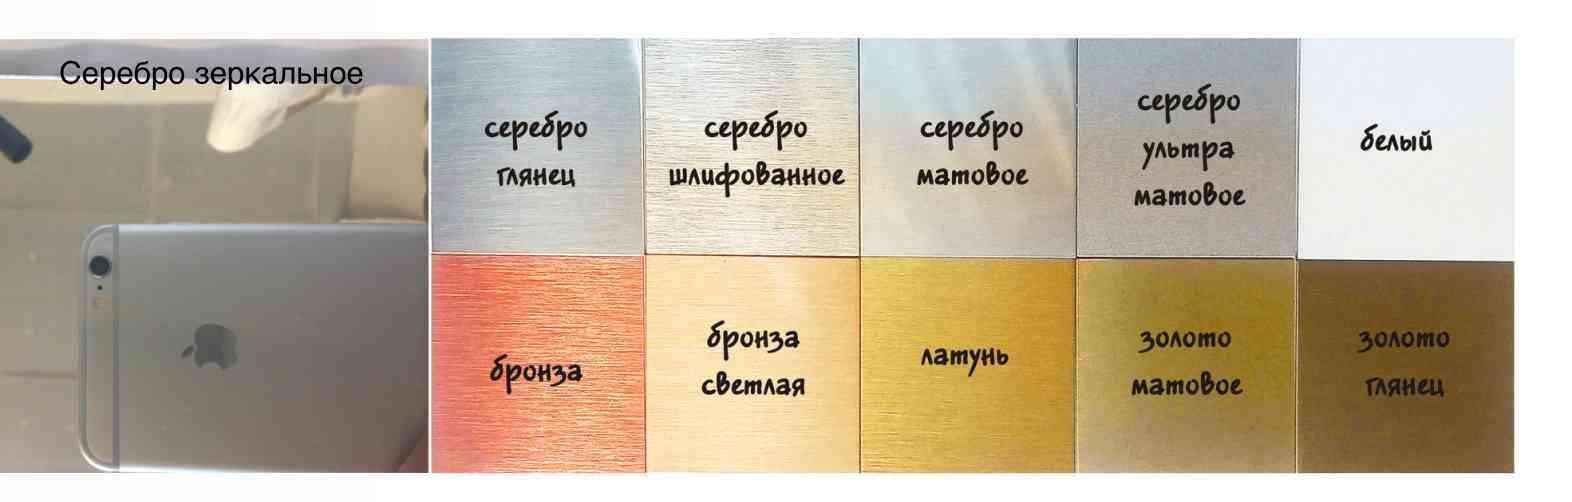 Основные цвета металла для печати